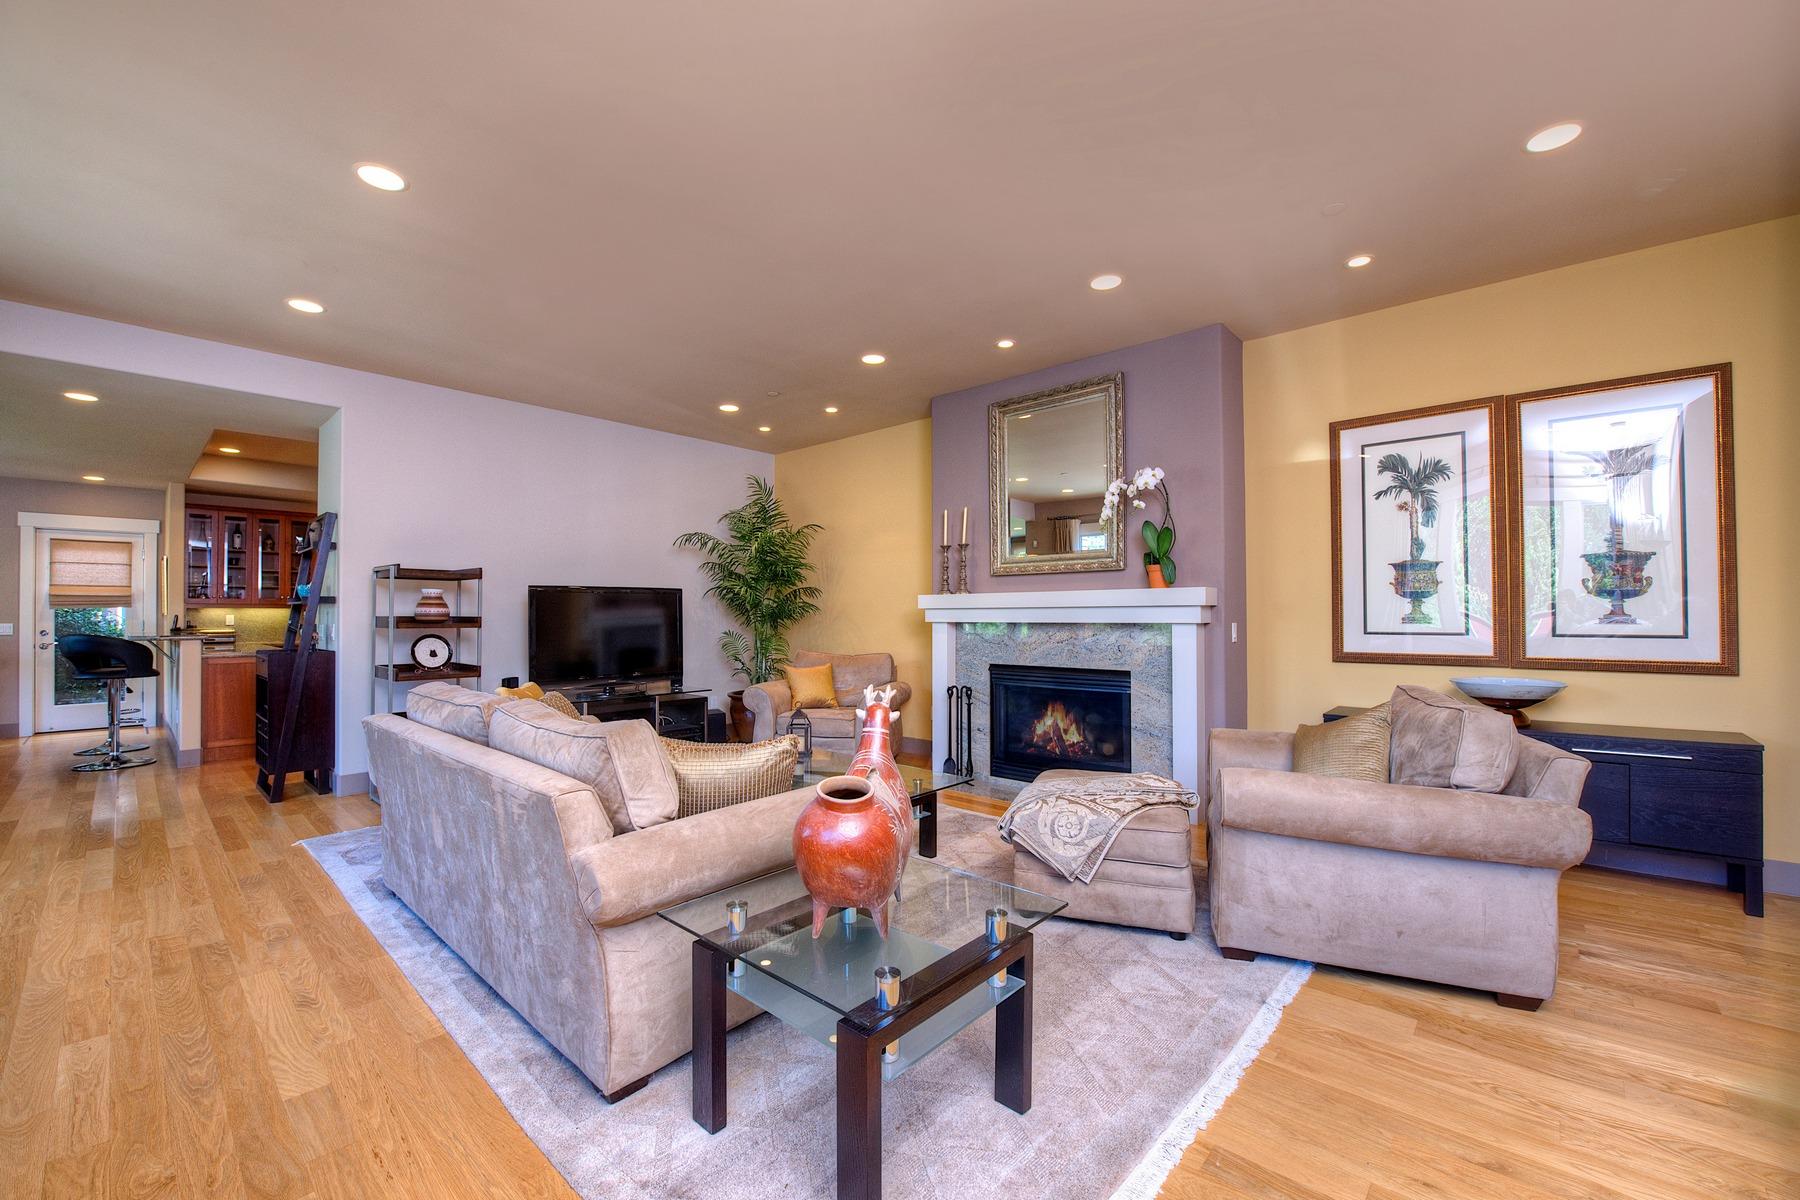 단독 가정 주택 용 매매 에 Everything You've Been Looking For! 17 Crescent Ave Sausalito, 캘리포니아 94965 미국